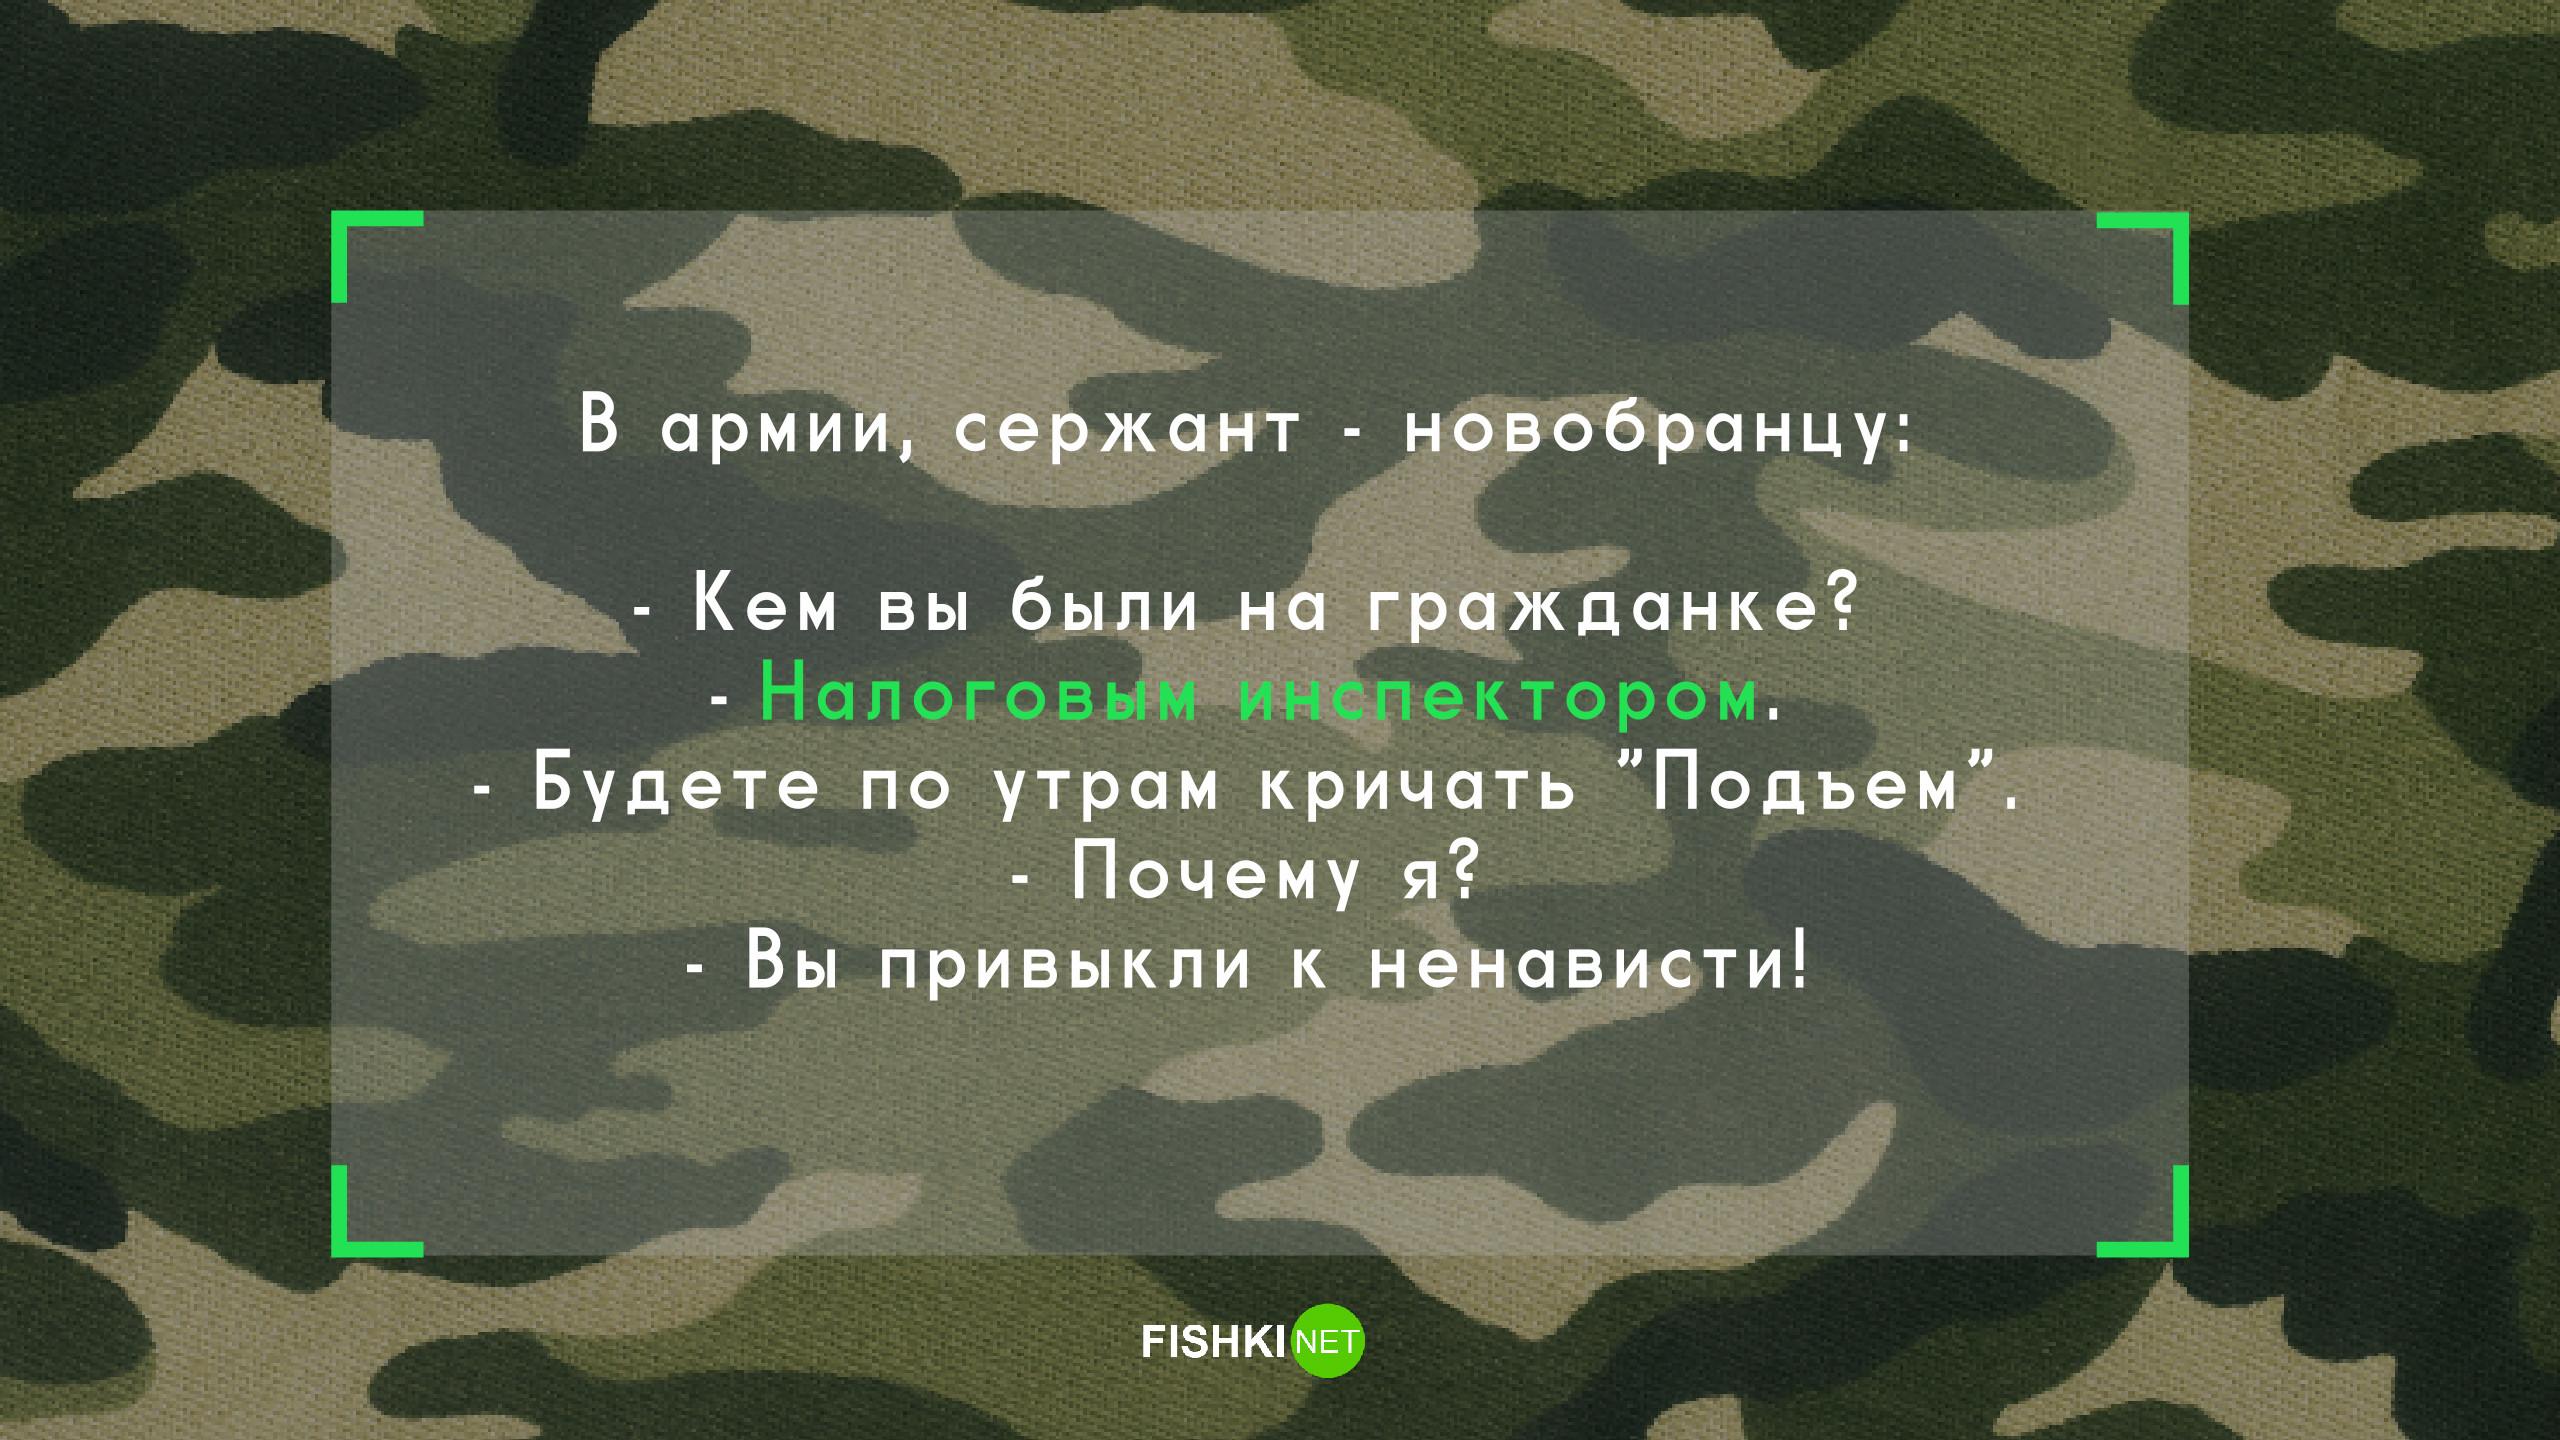 Февраля, картинки приколы про армию с надписями